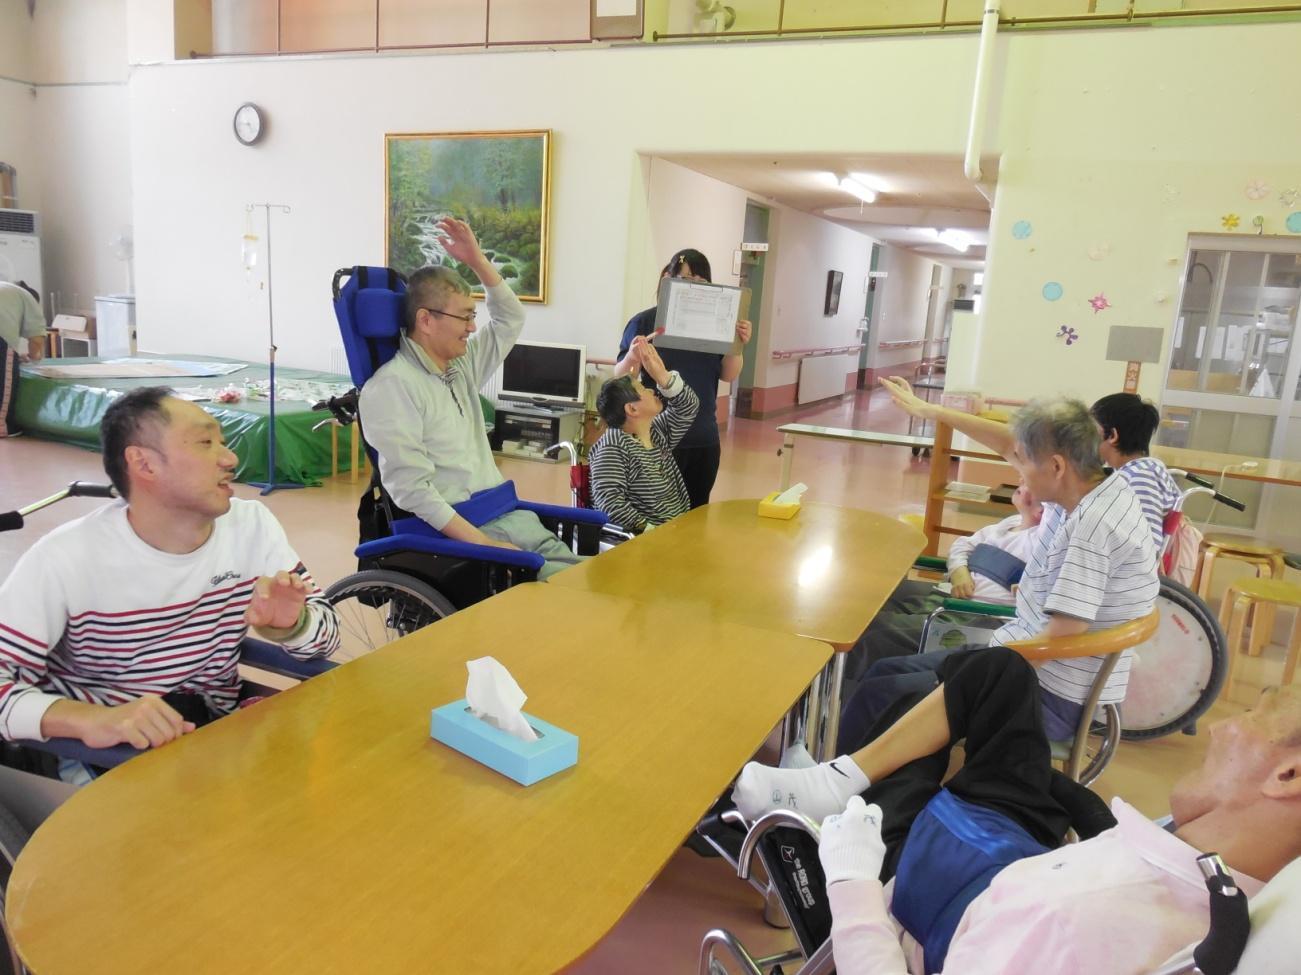 クッキングクラブの紹介 障害者支援施設山郷館